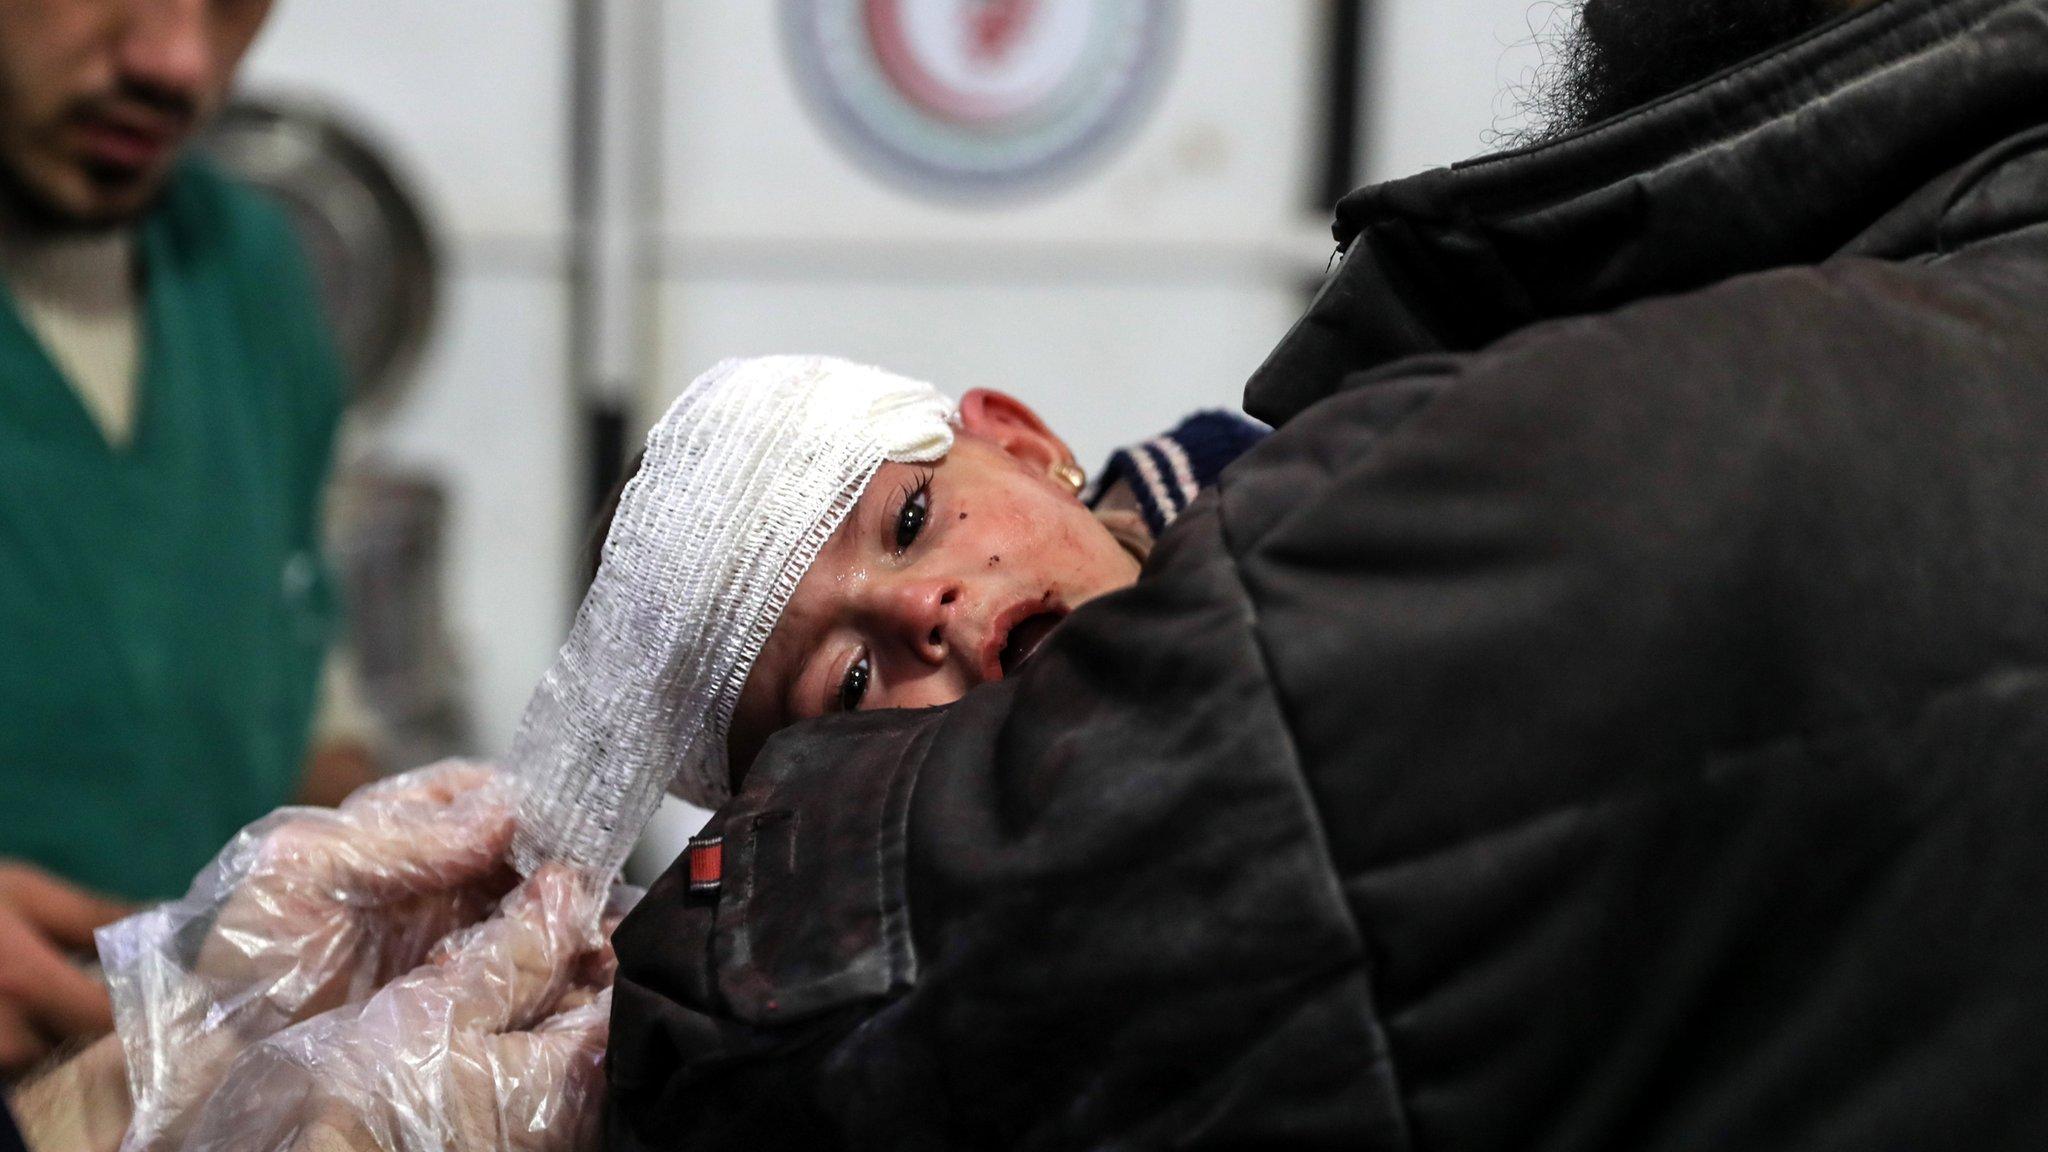 Syria war: UN seeks urgent Eastern Ghouta medical evacuations